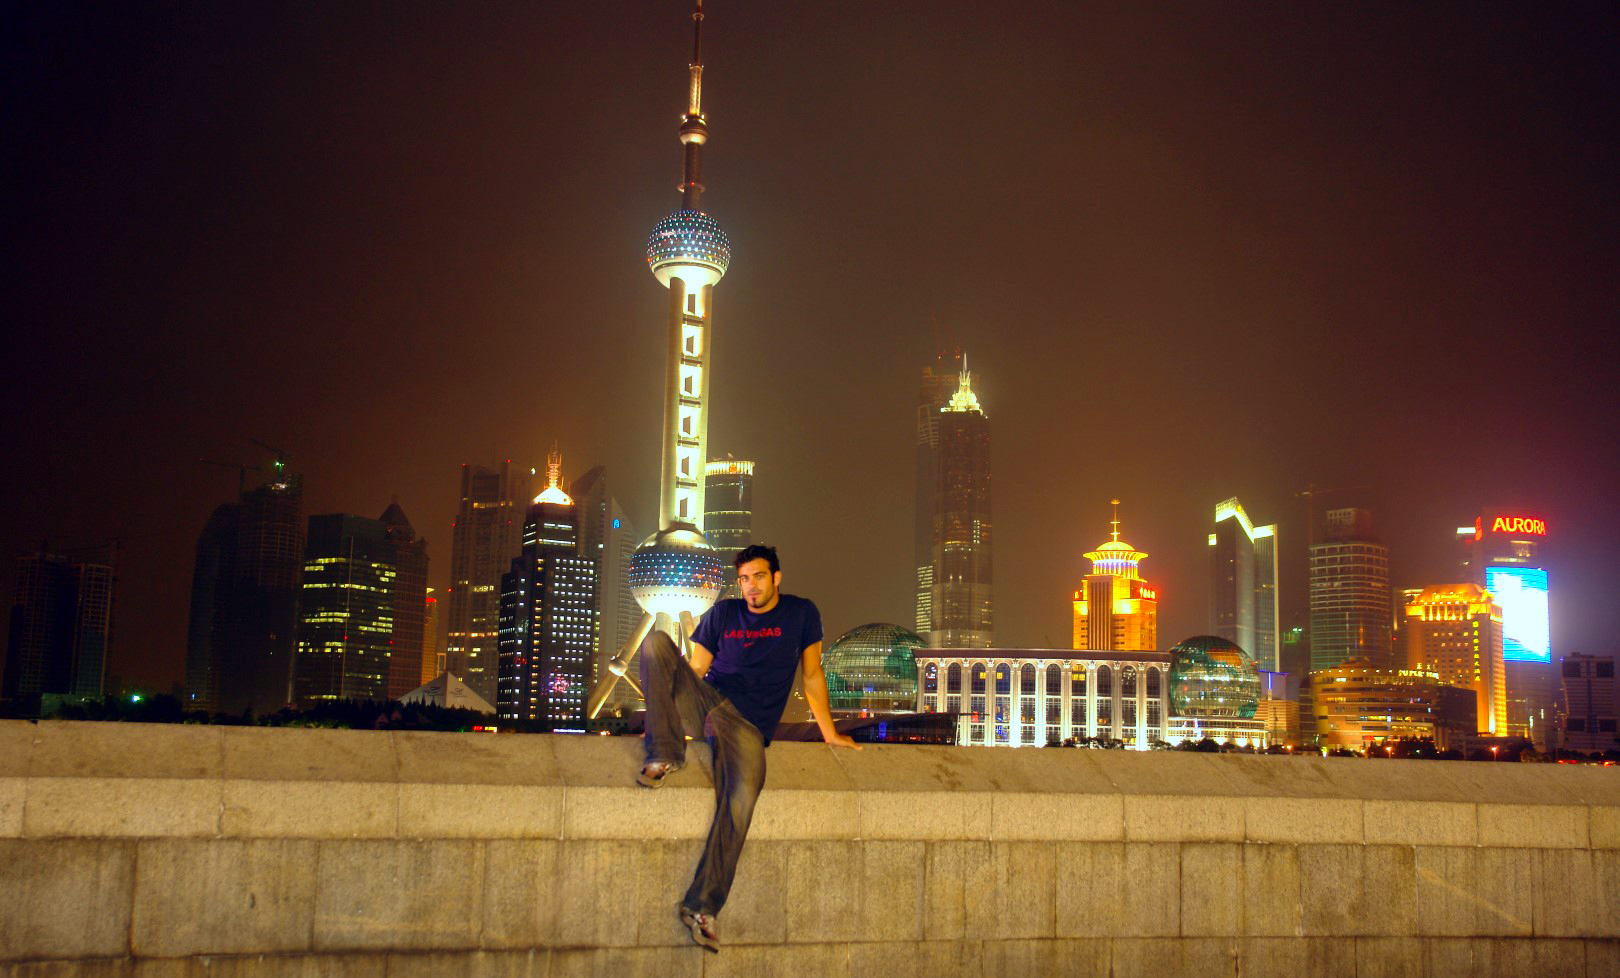 qué ver en Shanghai, China qué ver en shanghai - 32179274590 2d7707b1f0 o - Qué ver en Shanghai, China